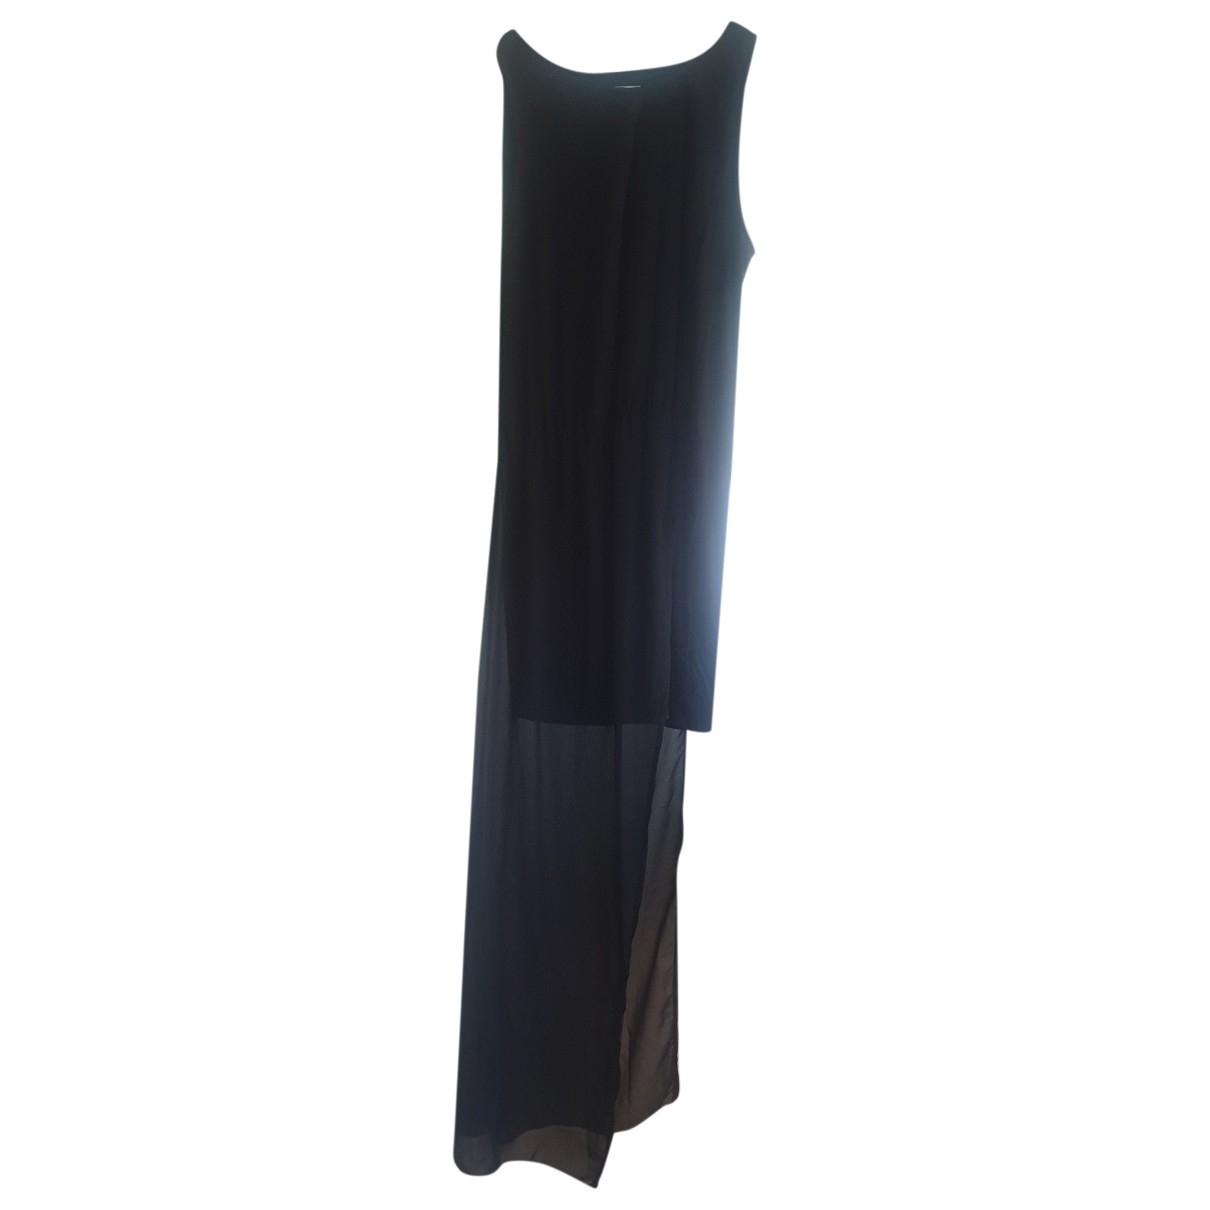 Replay \N Kleid in  Schwarz Polyester